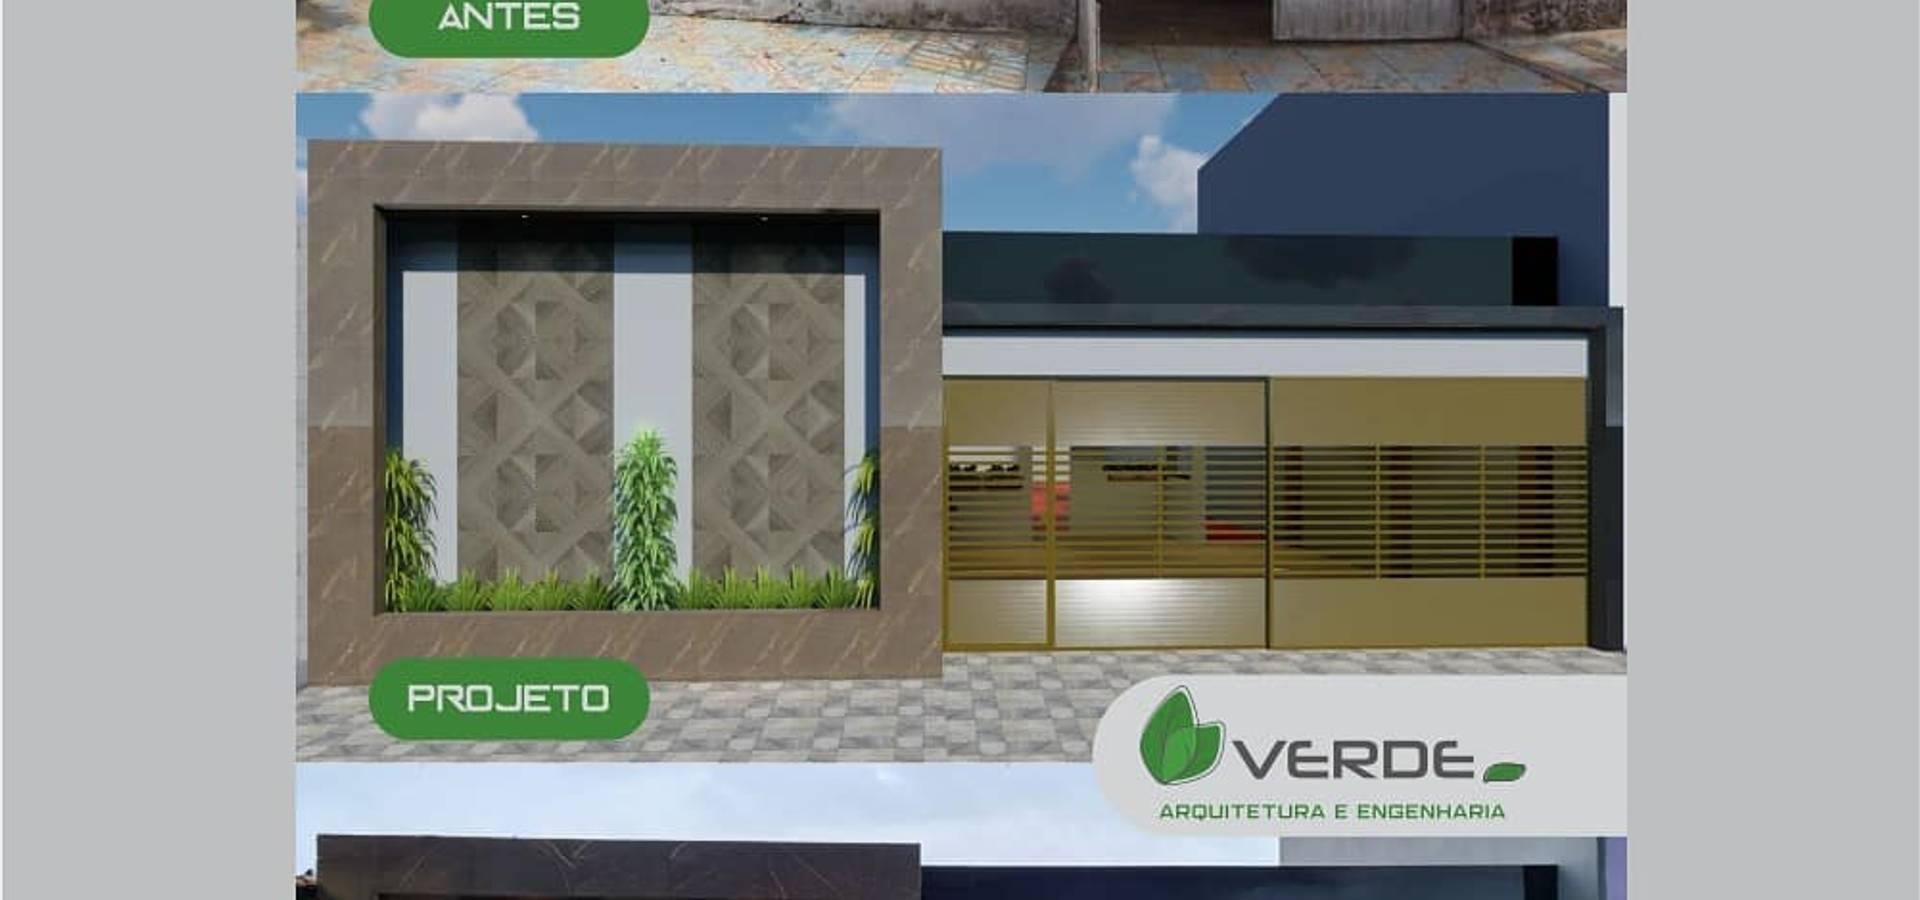 Verde Arquitetura e Engenharia